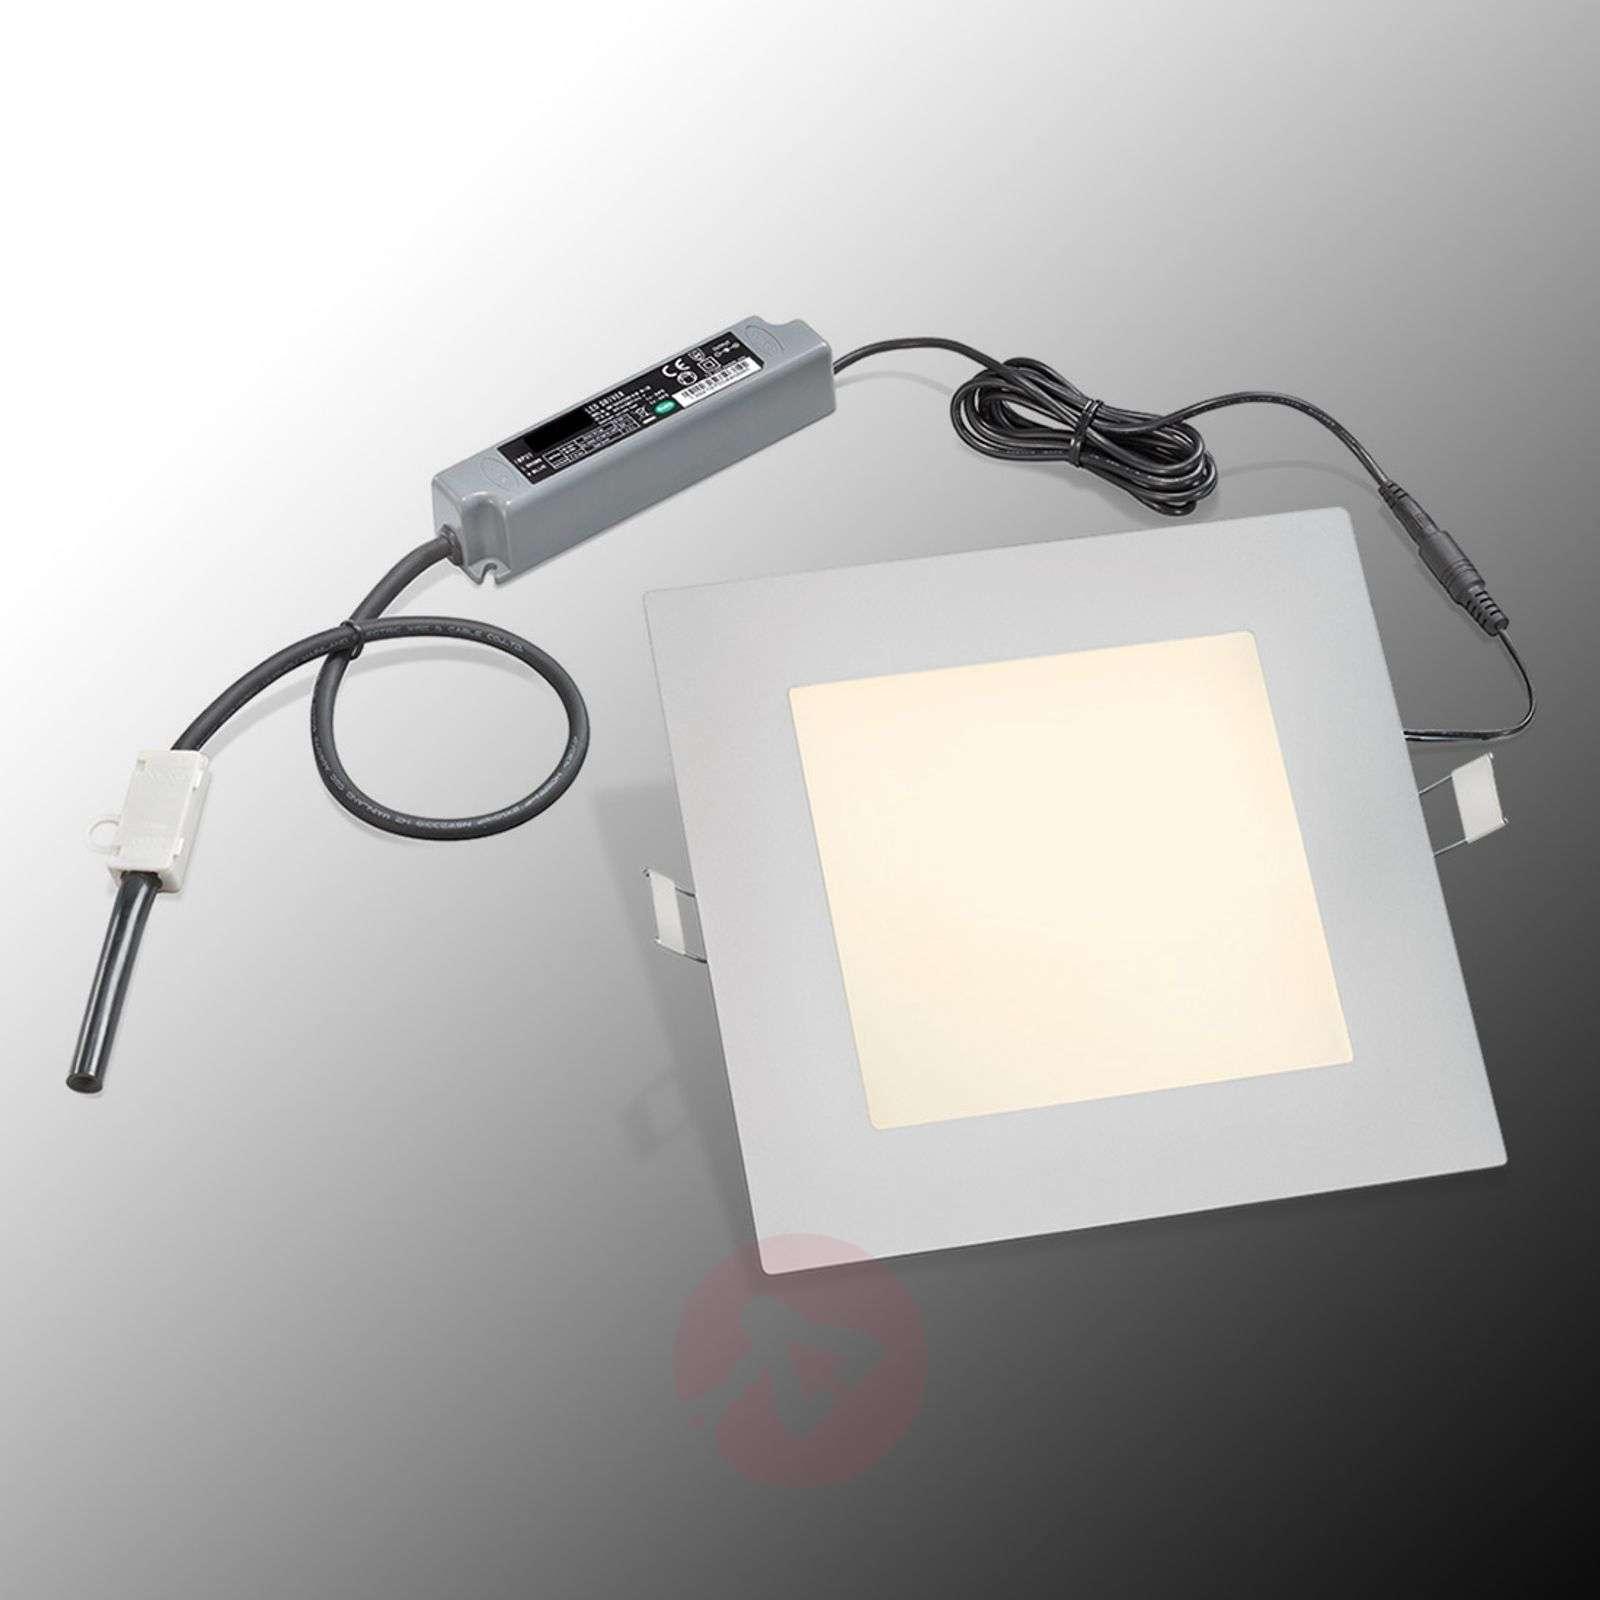 York-uppovalaisin LED-valonlähteillä, lämminvalk.-3012508-01